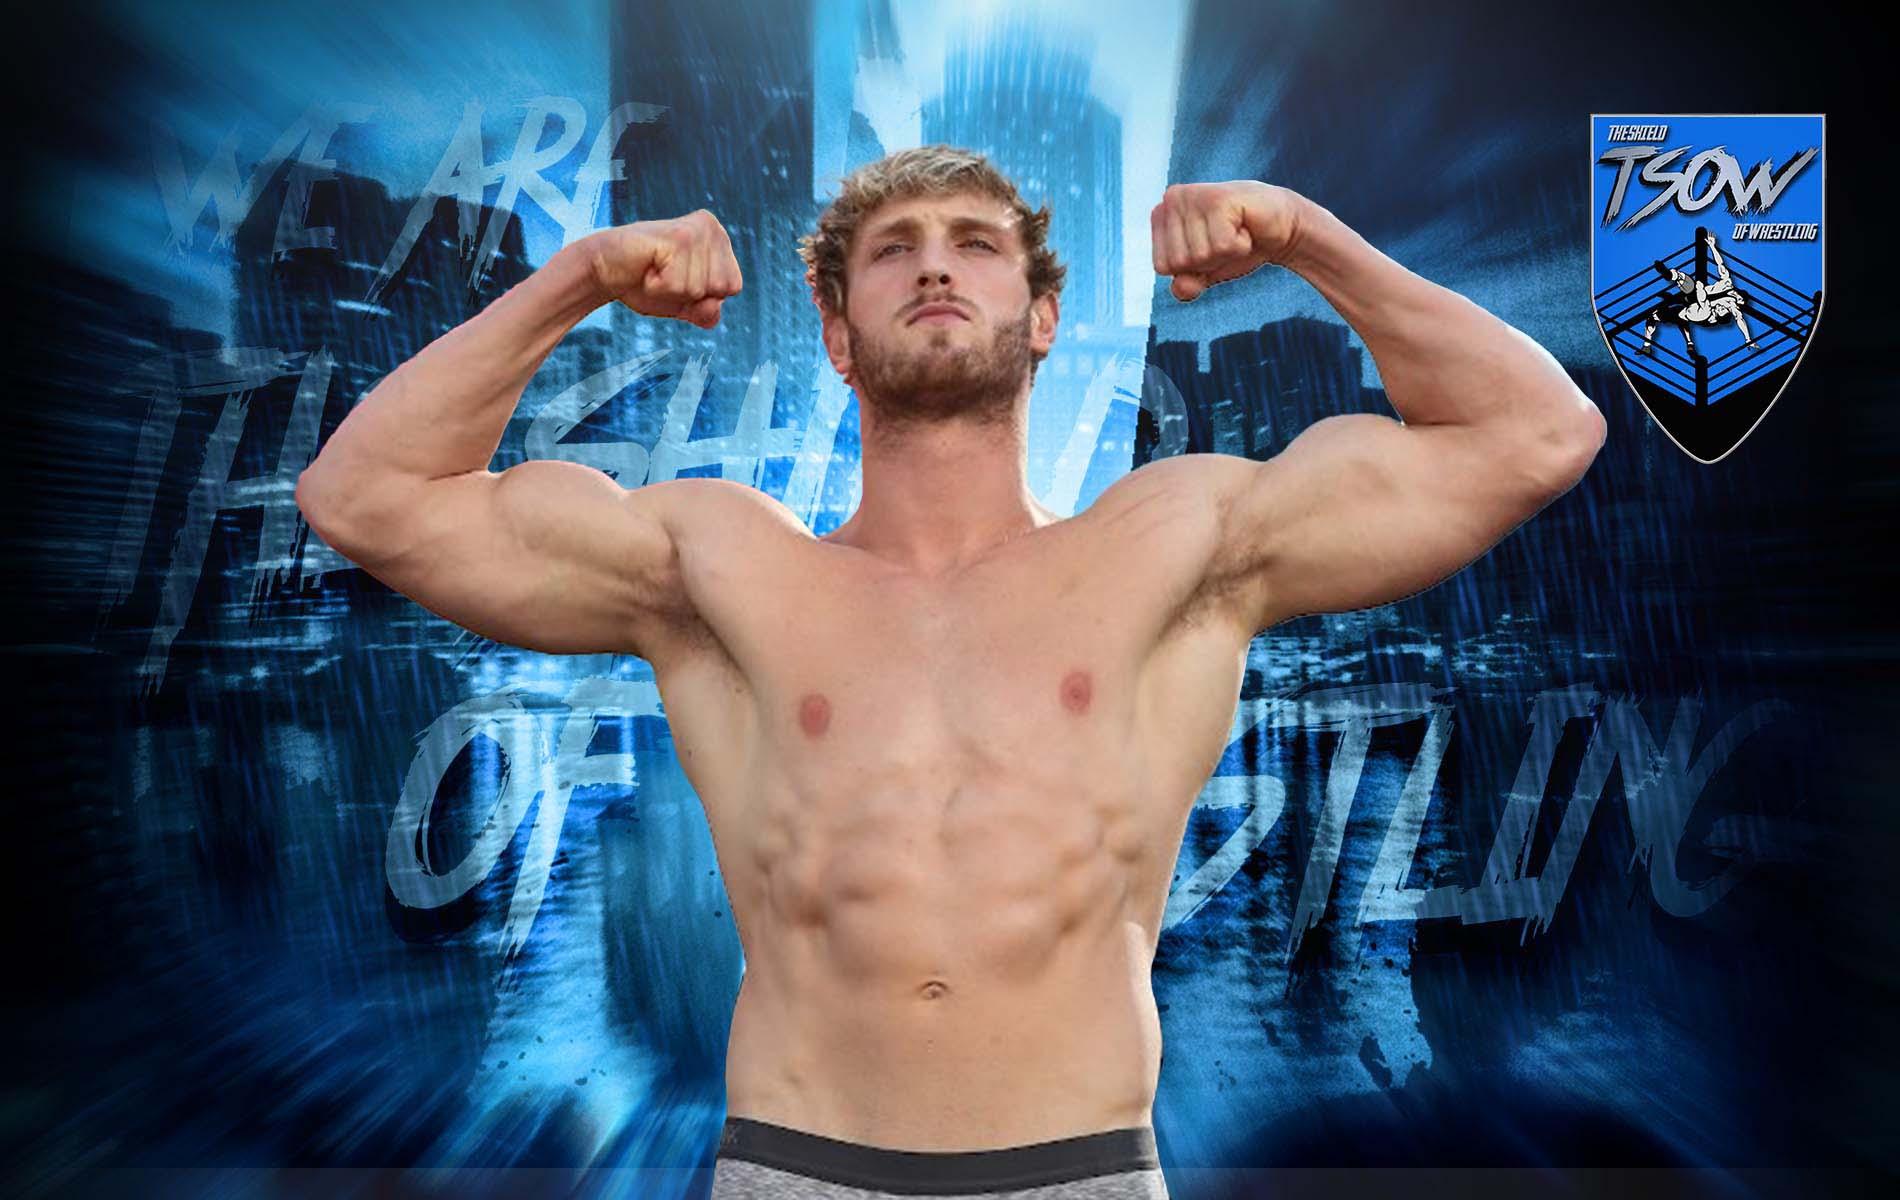 Logan Paul apparirà fisicamente nella prossima puntata di SmackDown?